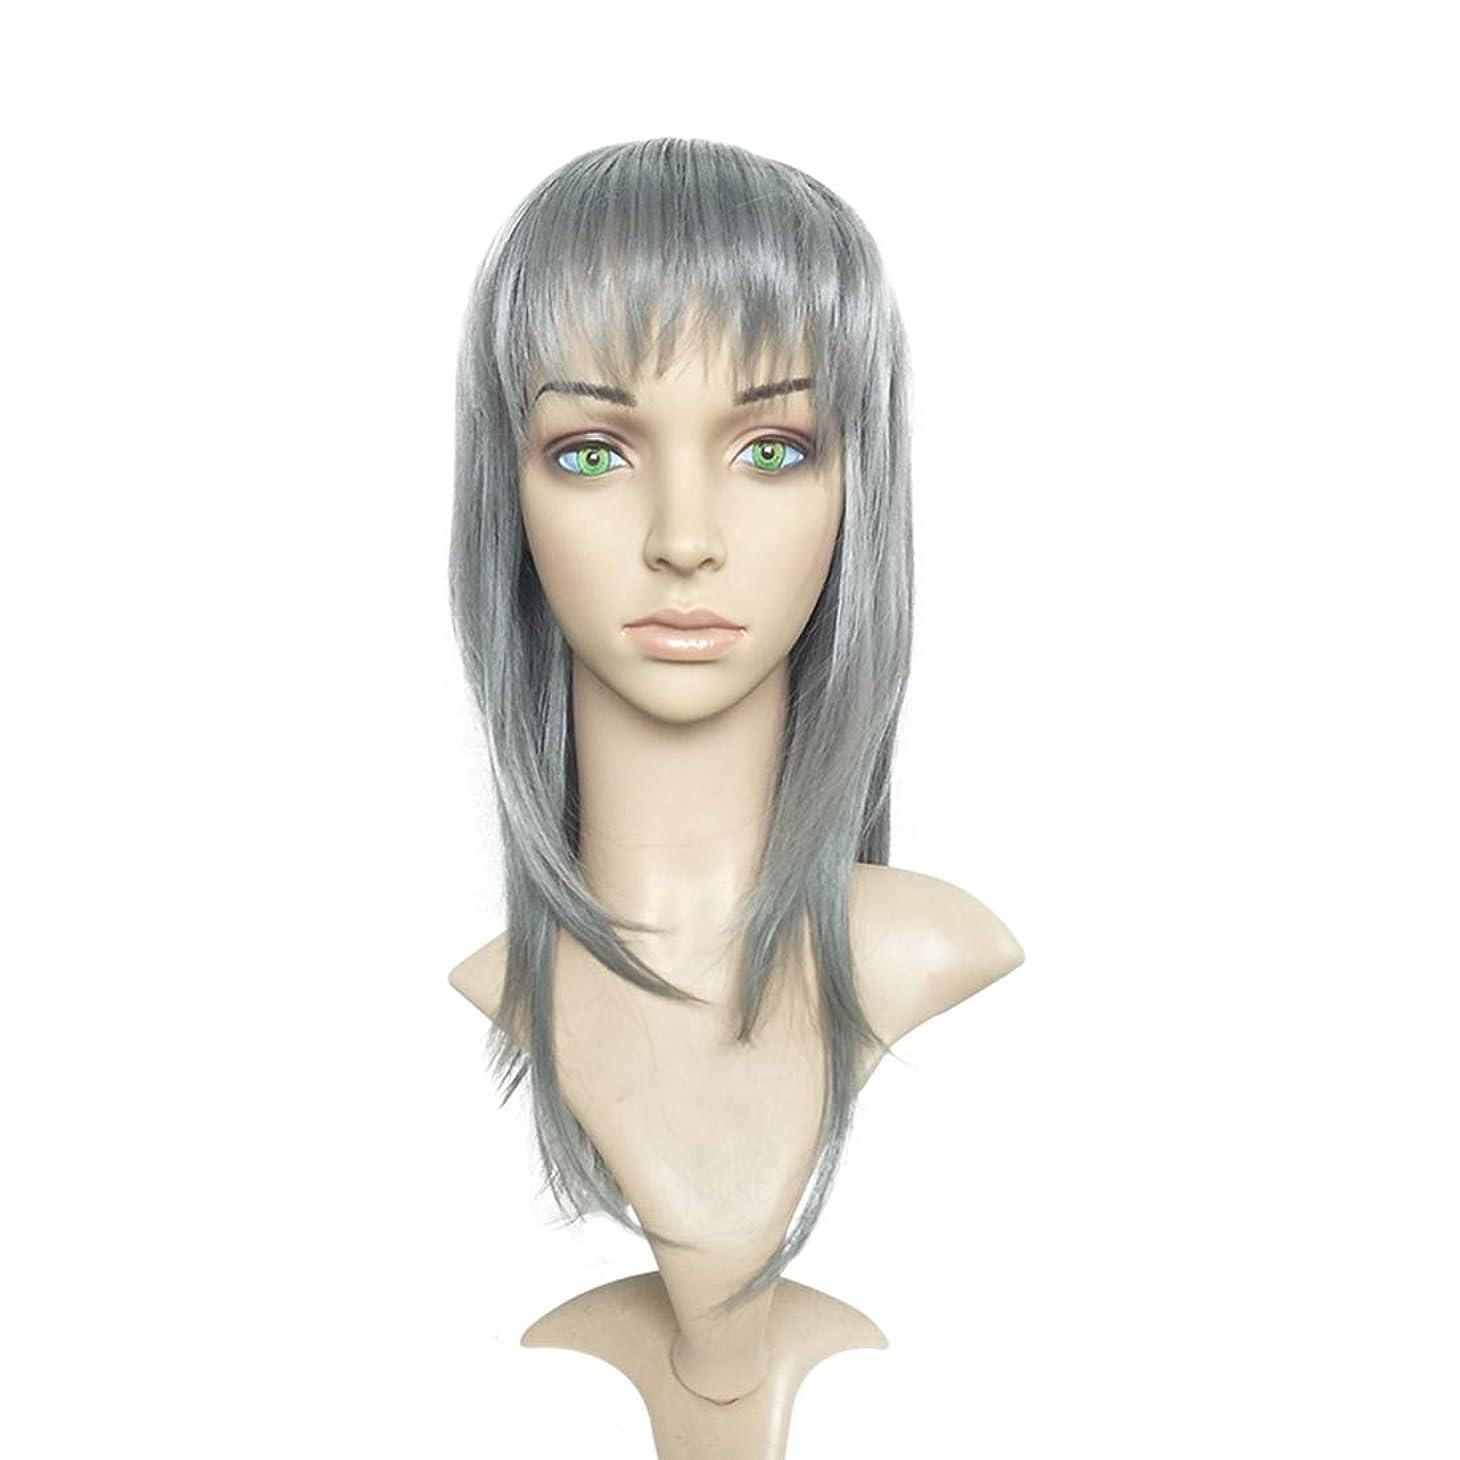 衝突する入射真珠のようなJIANFU ヨーロッパとアメリカのパーティーウィッグシルバーグレーブロークンバングストレートヘアウィッグ (Color : Silver gray)